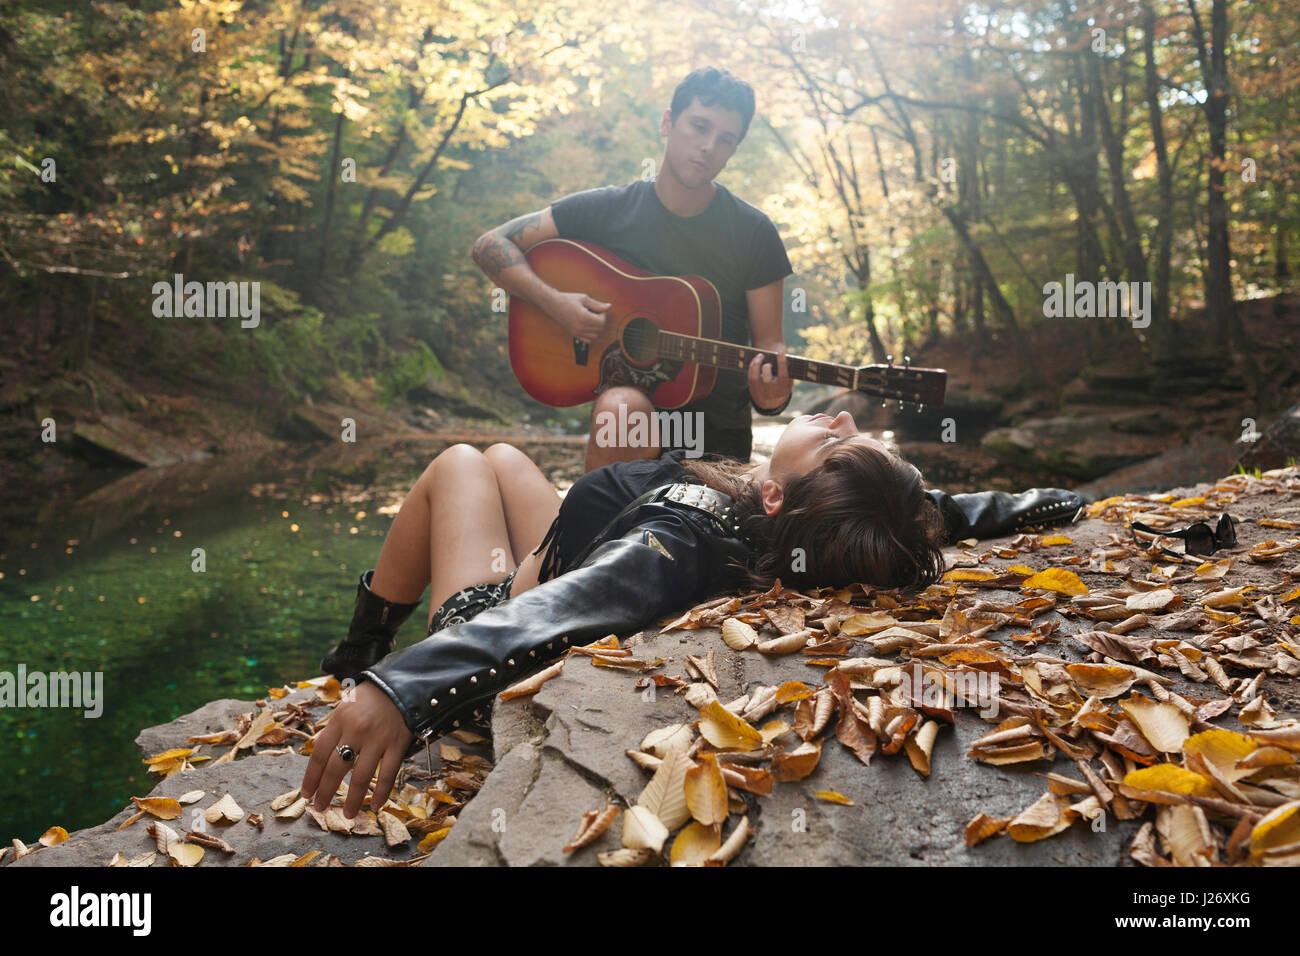 Junger Mann seine Freundin mit einem Ständchen Stockbild